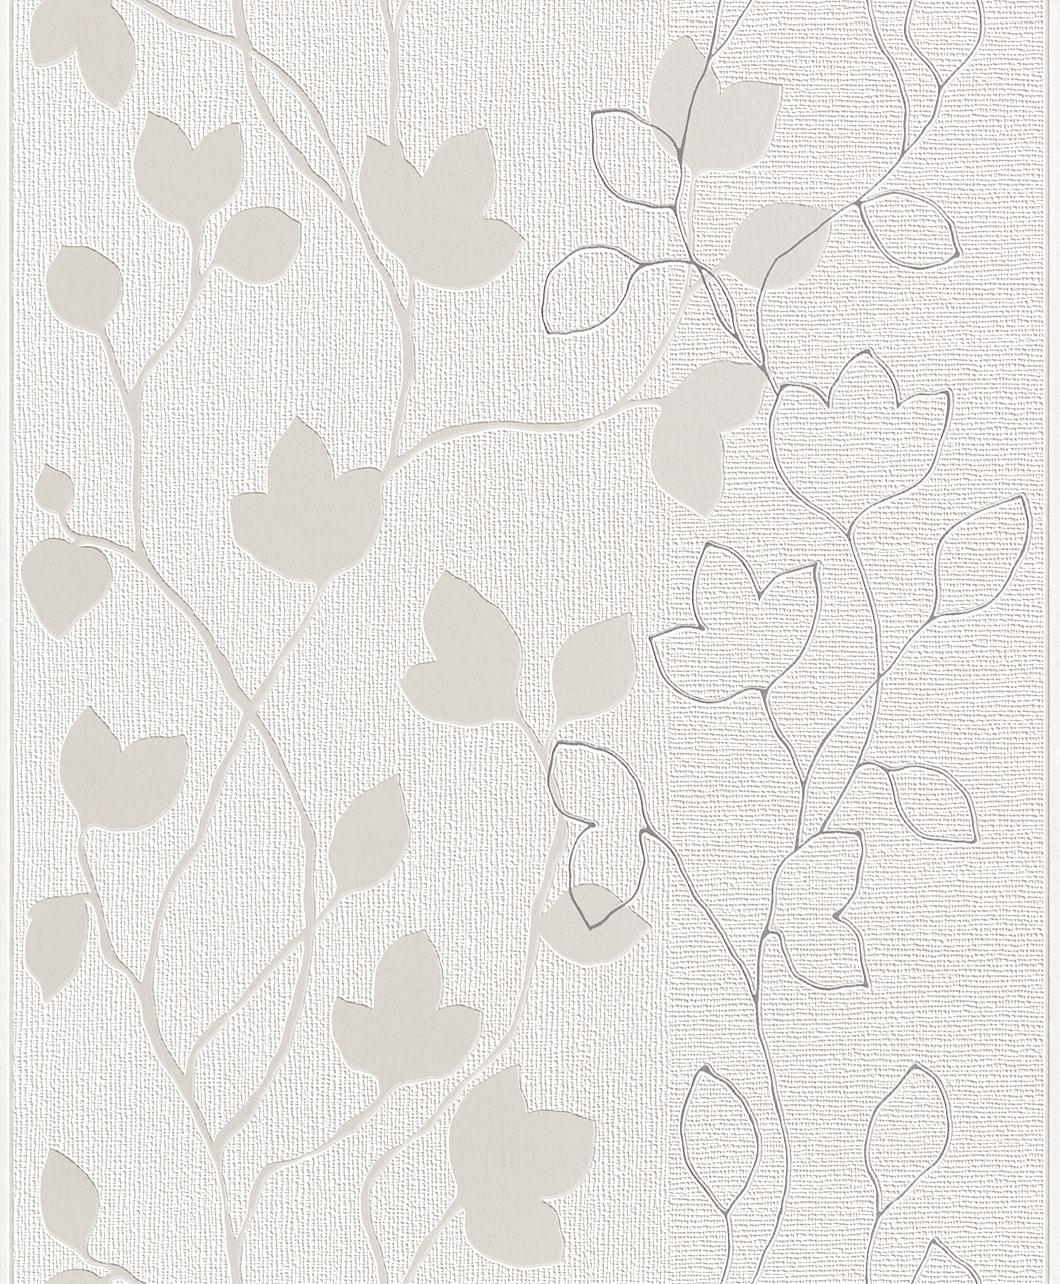 Blumen Tapete weiß/silber - Rasch 770209 - NEU